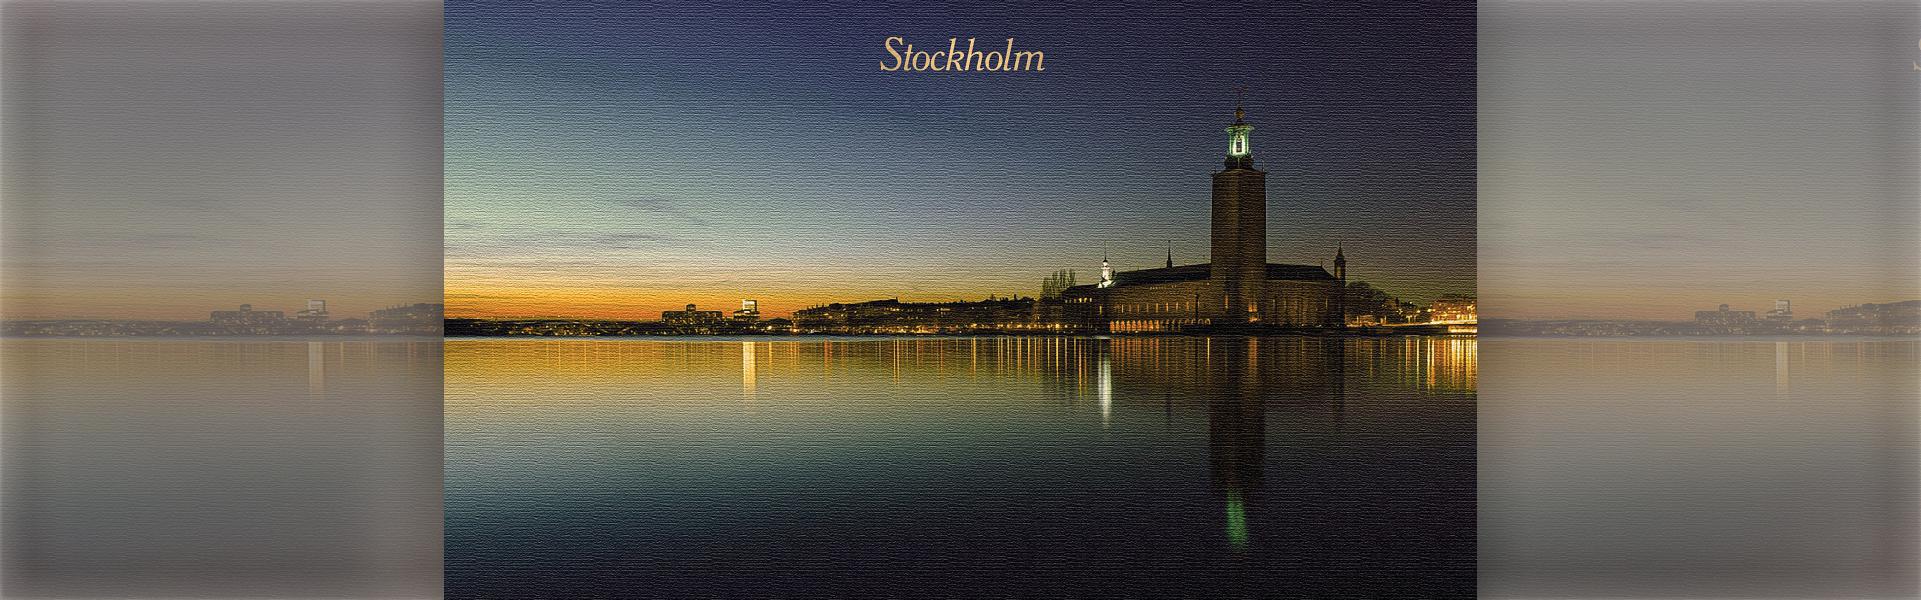 Stockholm_Sweden 11 редакция 1